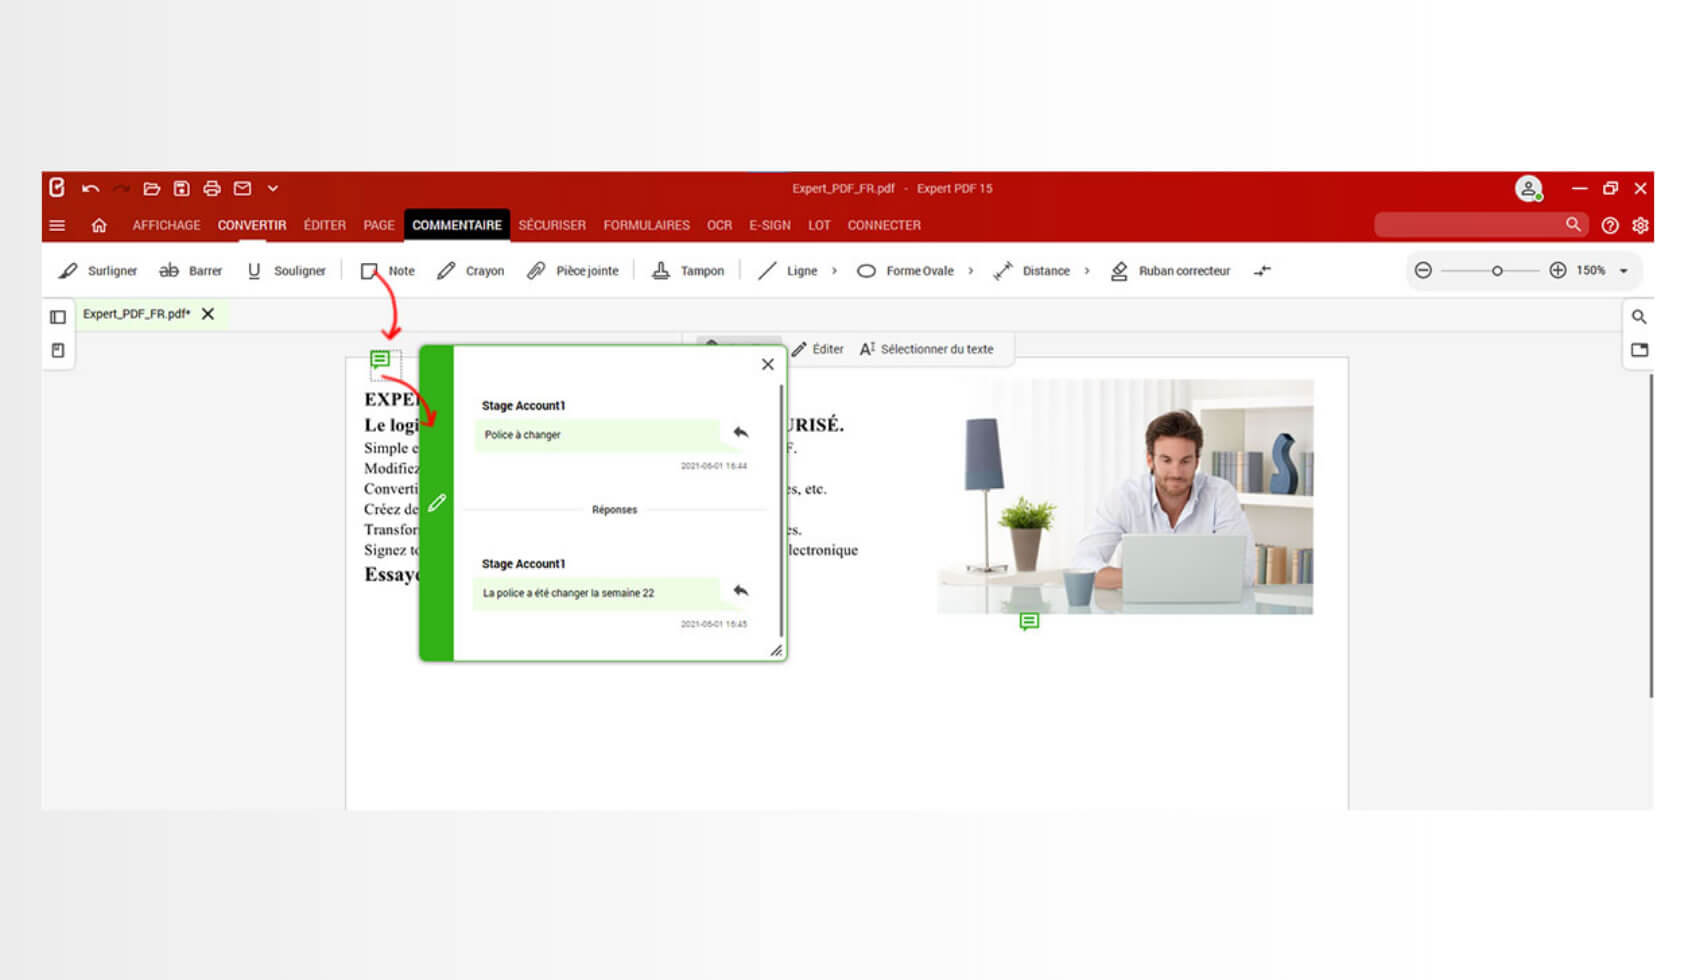 Il existe plusieurs outils afin d'annoter un document PDF. Le logiciel Expert PDF dispose des fonctions note, surlignage ou encore soulignage du texte pour commenter les pages de votre document. Il est aussi possible de supprimer certains éléments à l'aide du correcteur intégré.Pour annoter vos documents, rendez-vous directement dans l'onglet Commentaire.